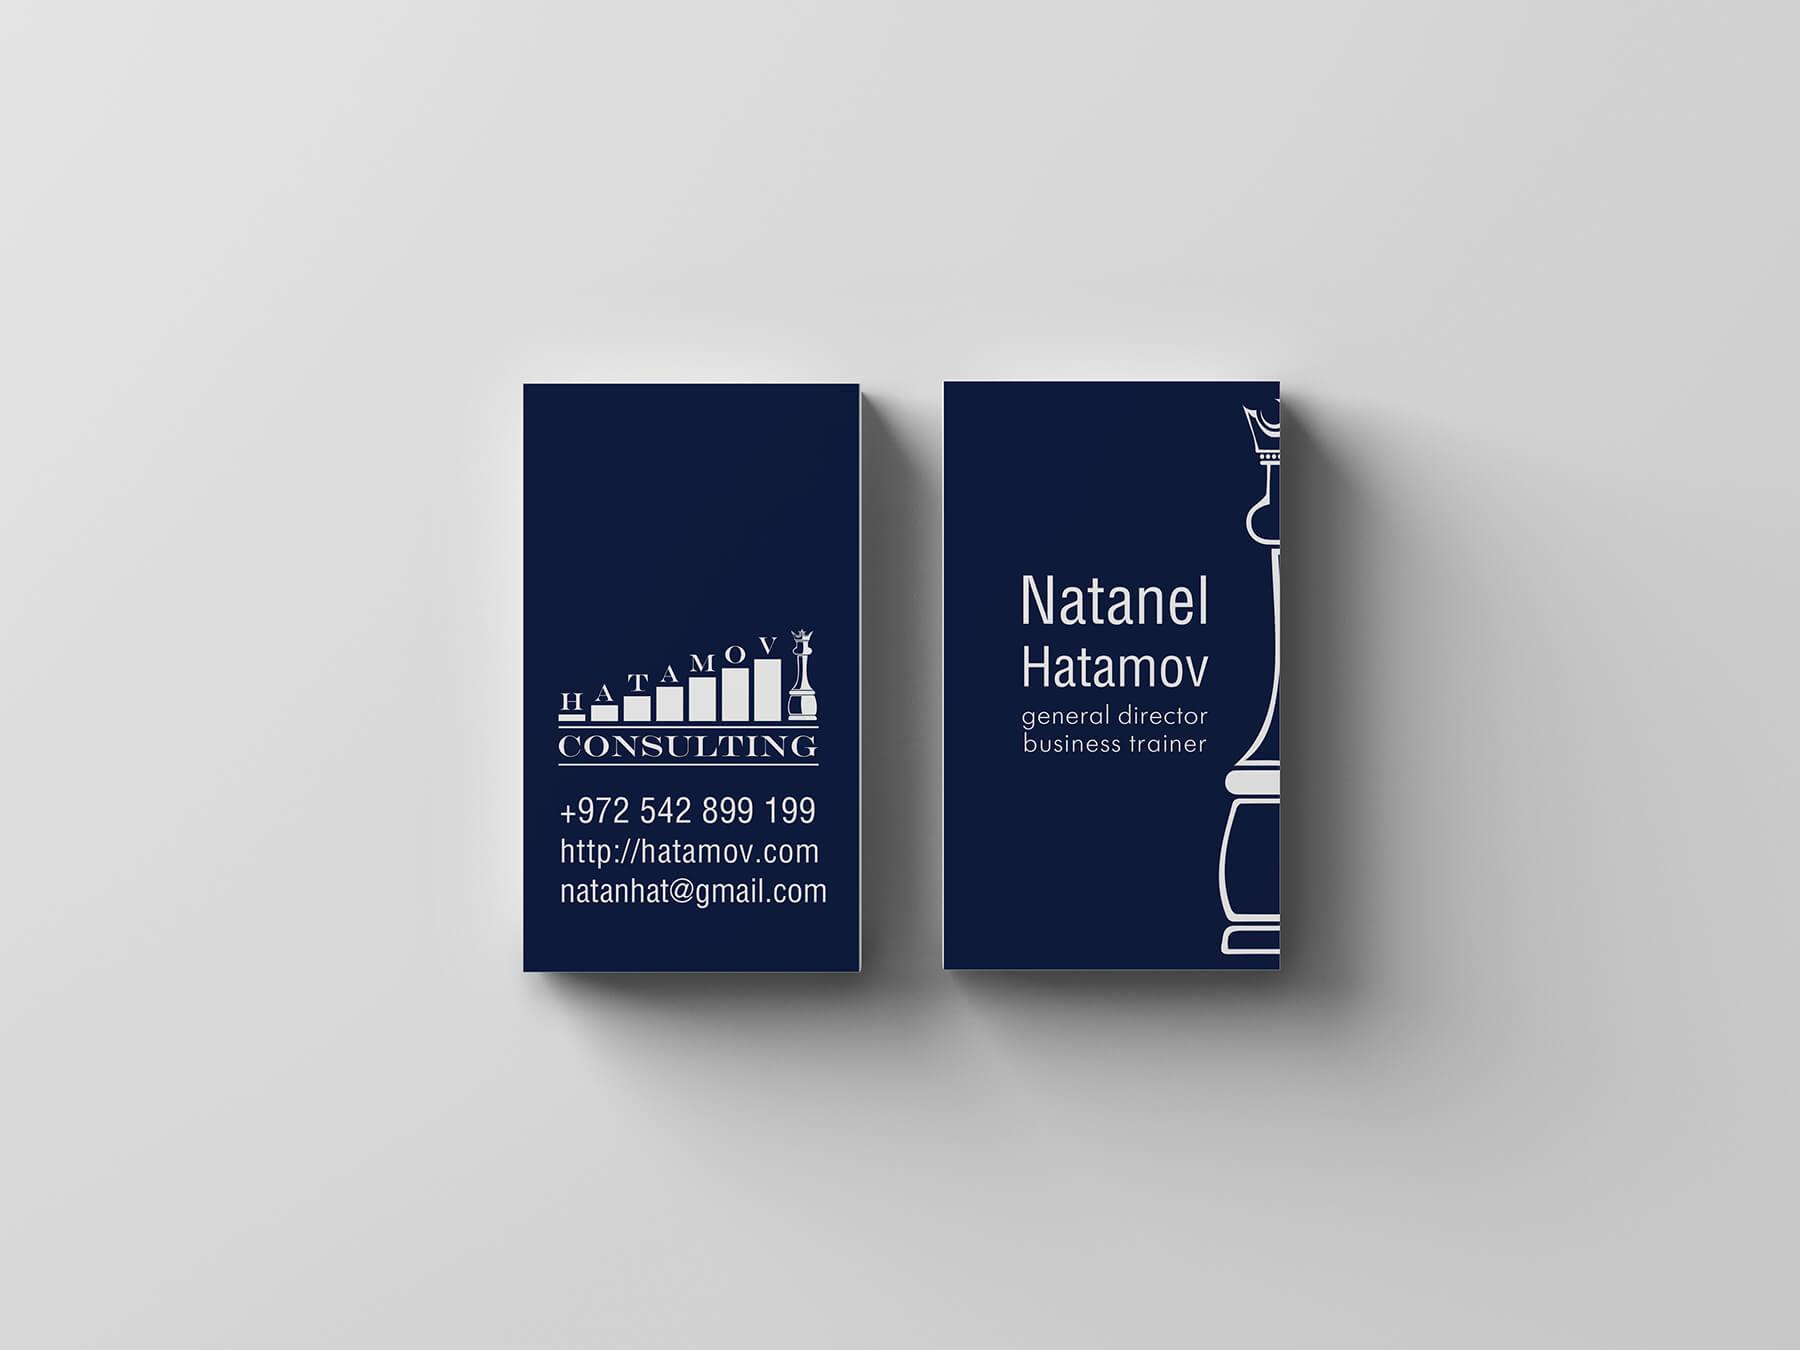 Логотип и фирменный стиль Hatamov Consalting 8